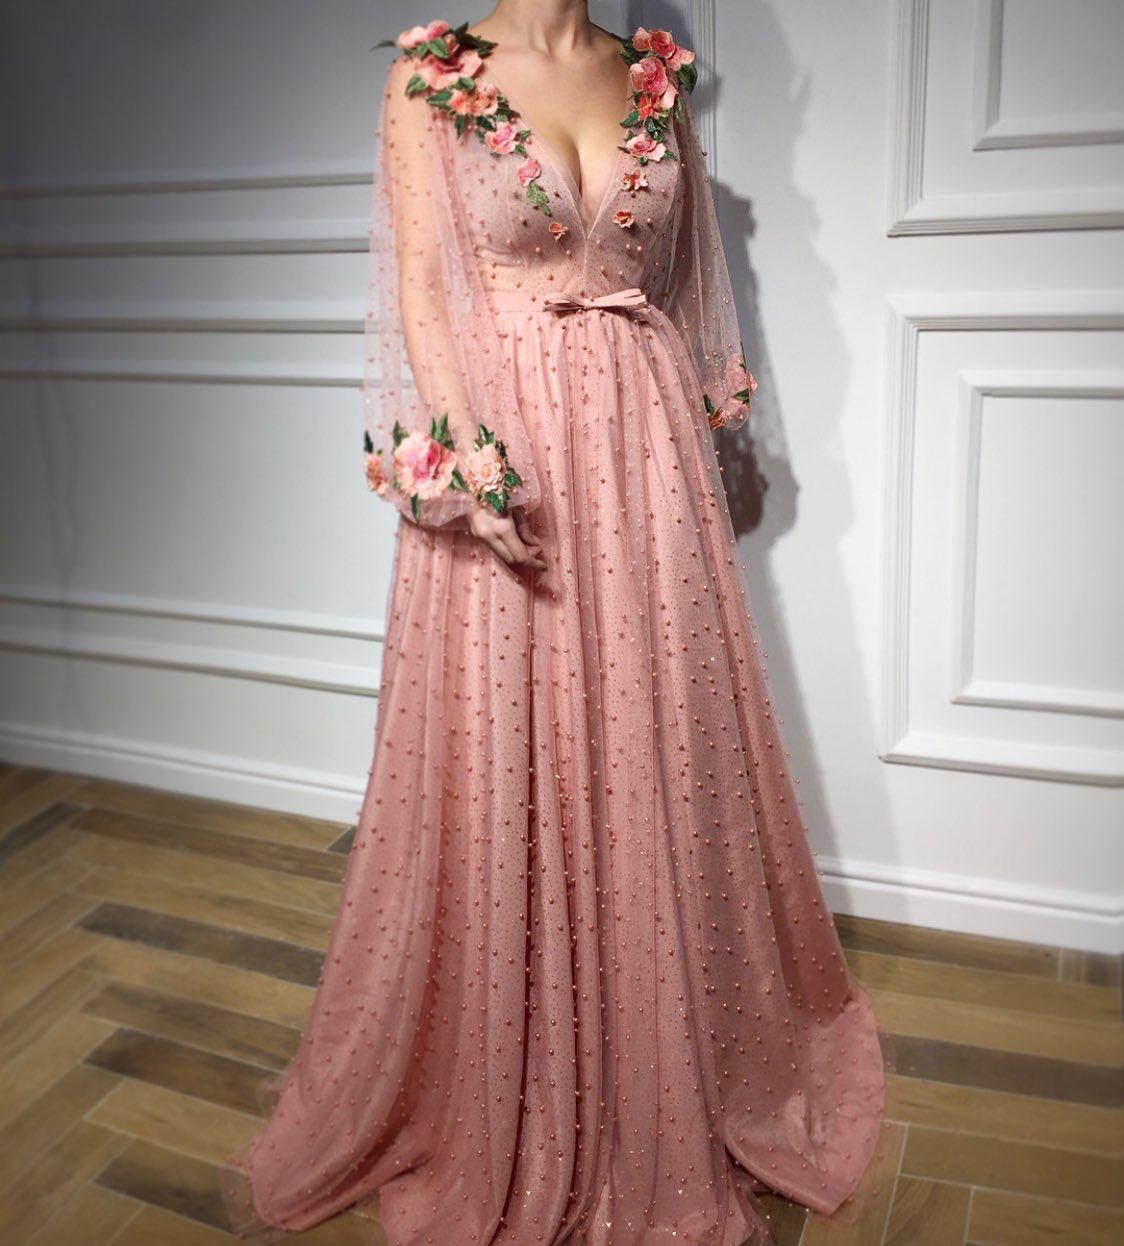 Pin de Savannah Knop en dresses | Pinterest | Vestiditos, Vestidos ...